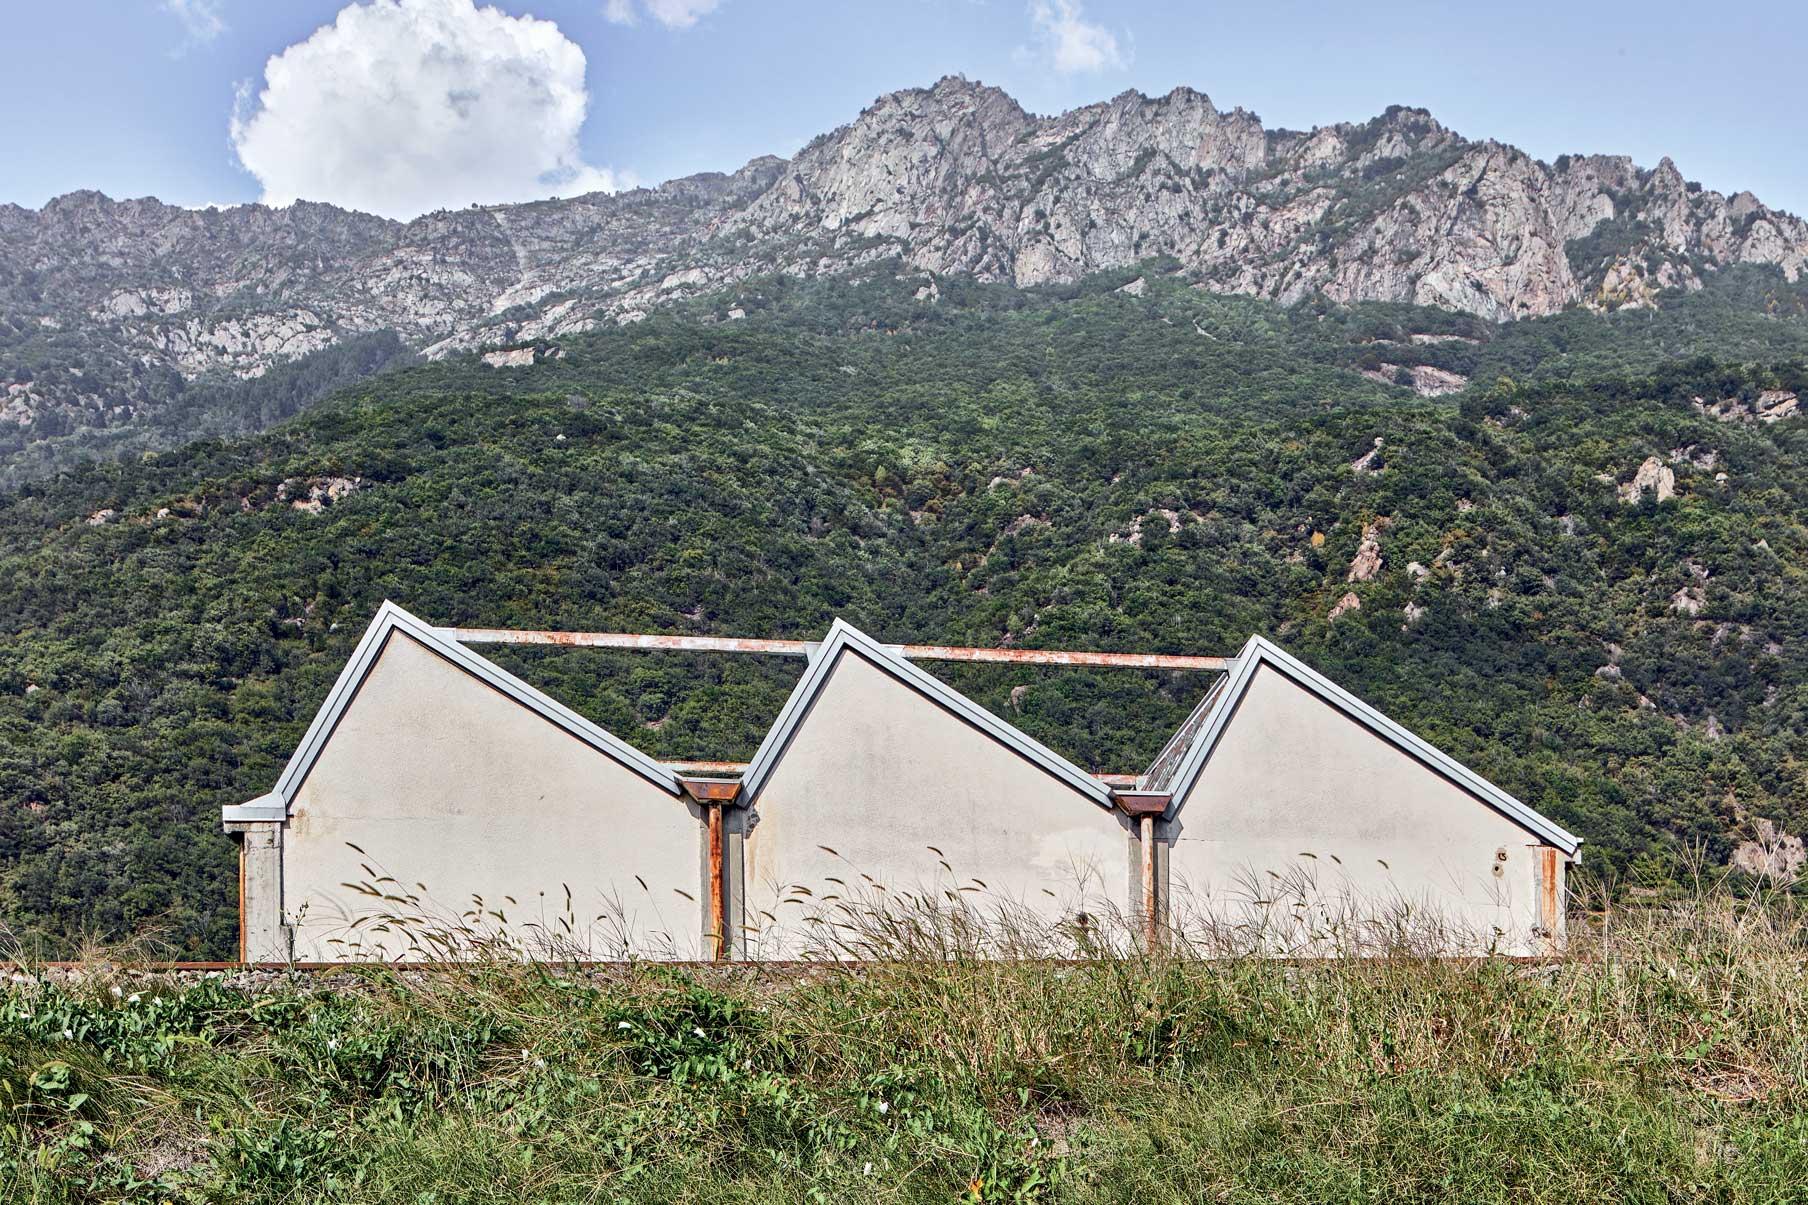 Abitare la montagna, località Donnas, 2018